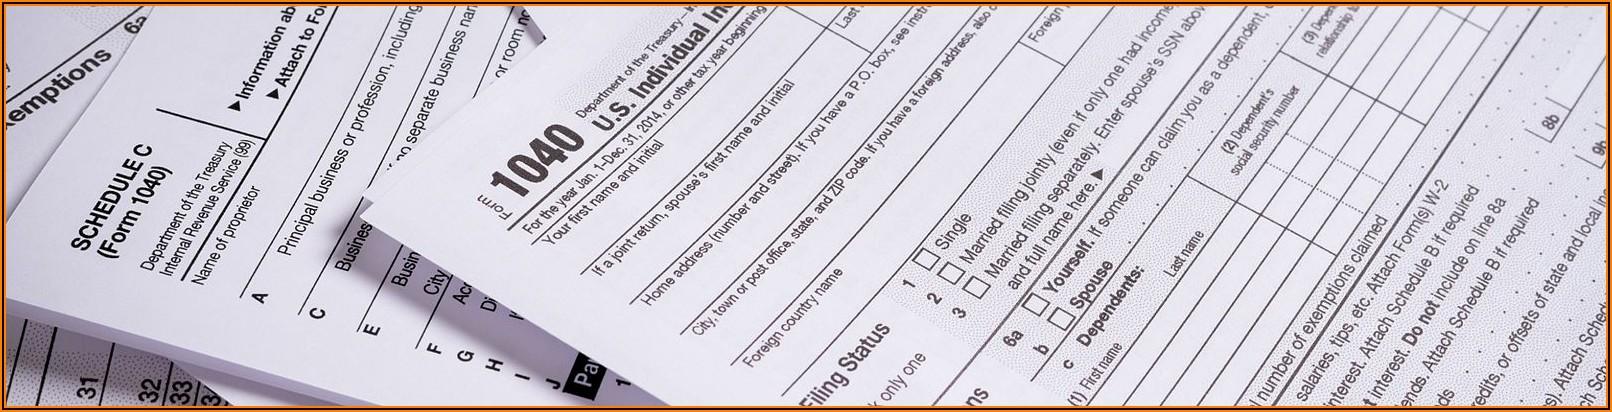 2014 Irs Tax Form 6251